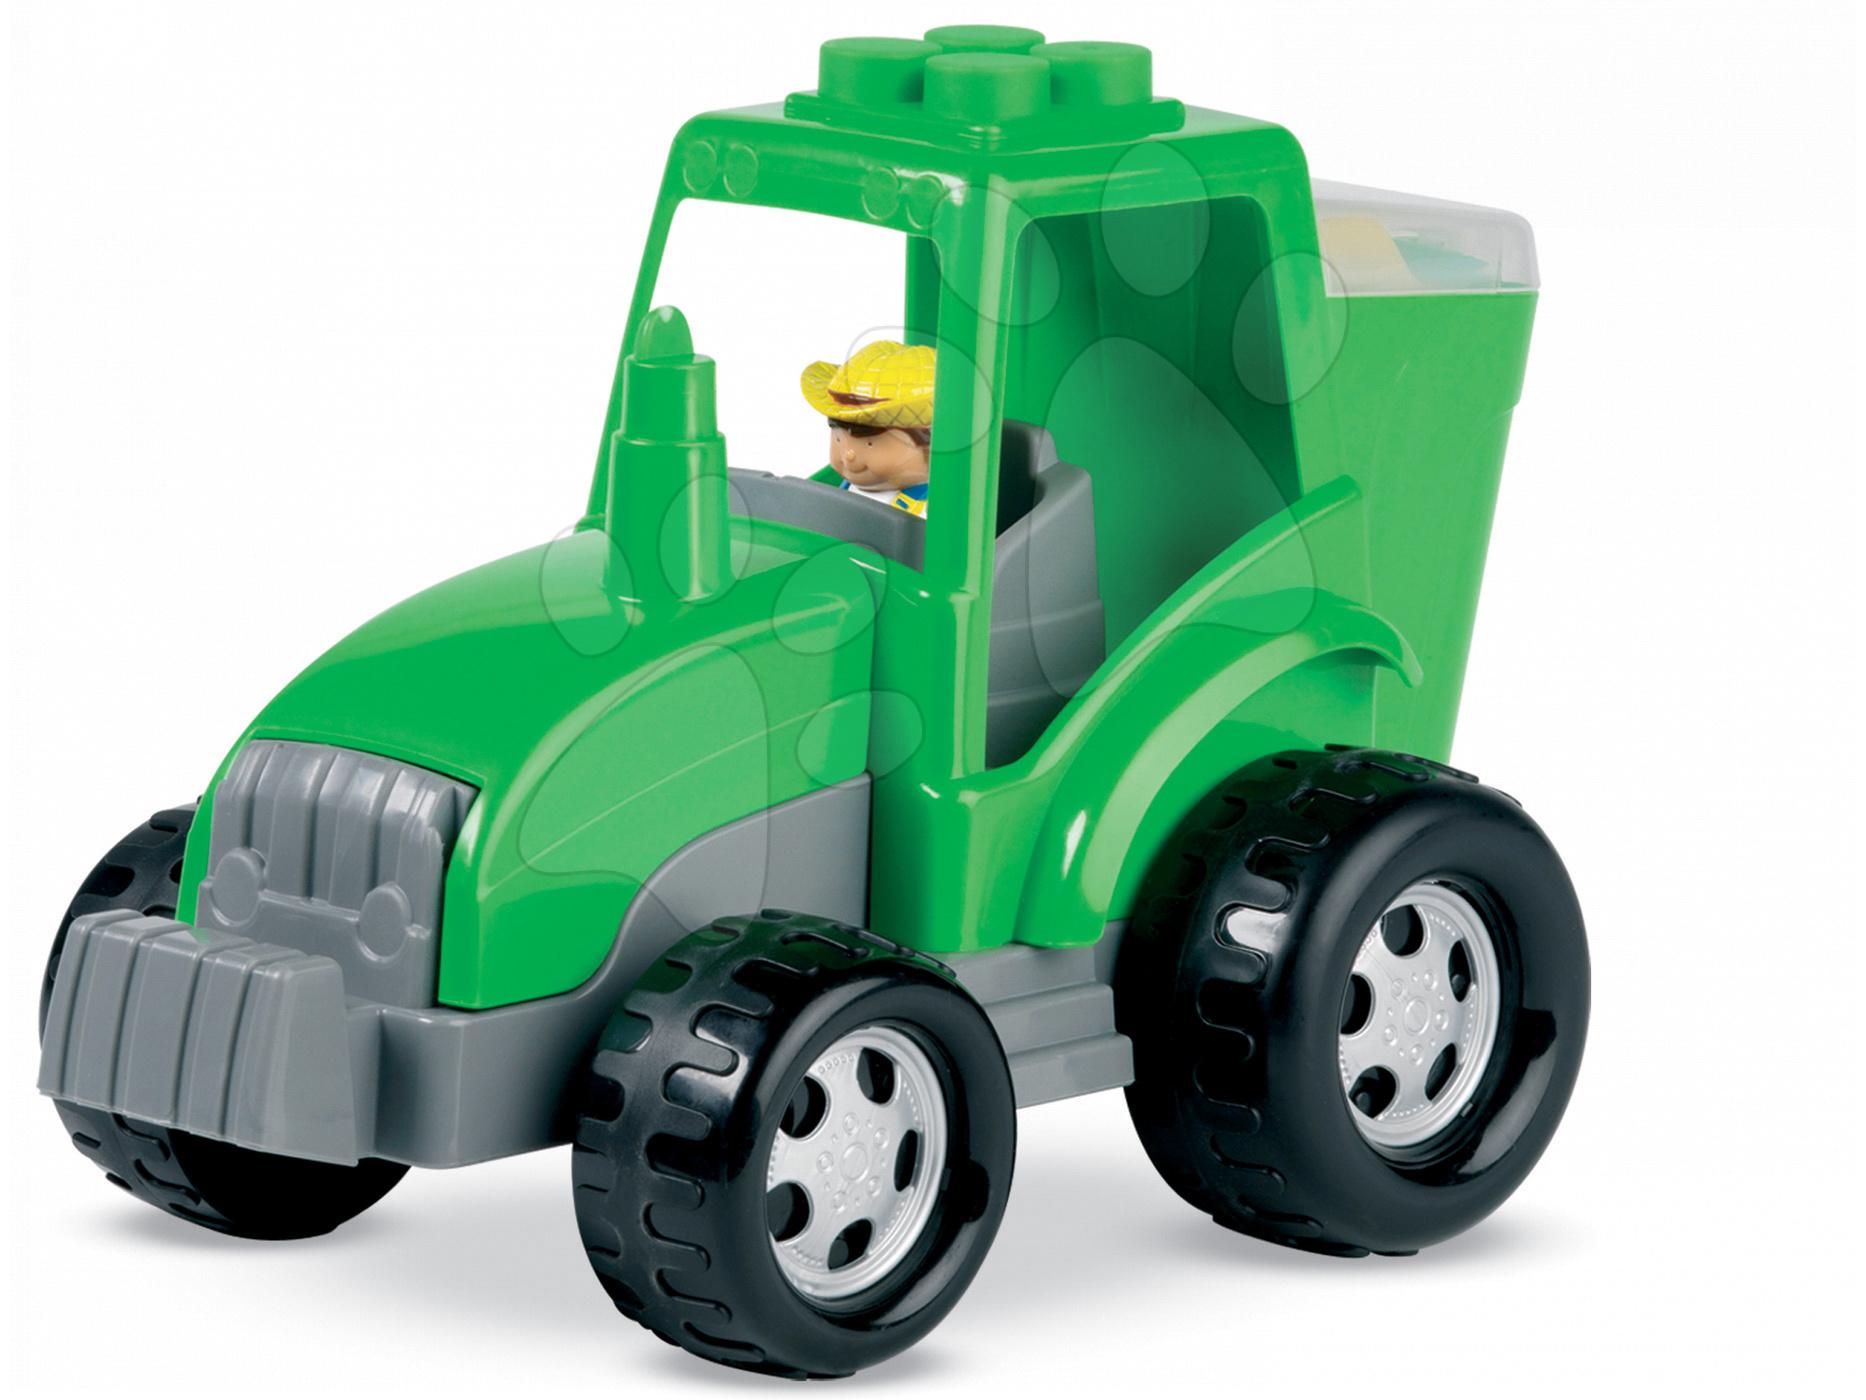 Stavebnica Abrick - traktor s kockami Écoiffier zelený/červený od 18 mes